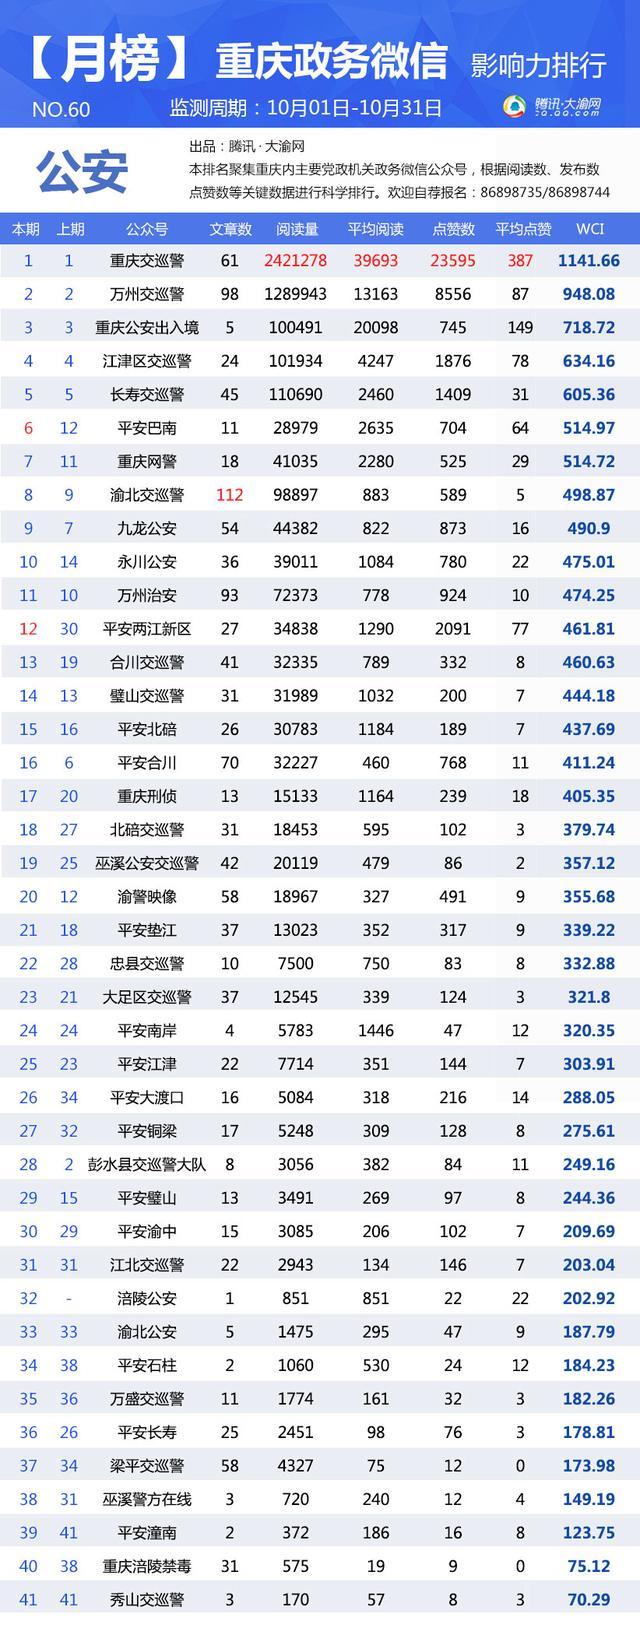 重庆政务微信10月榜:看重庆社保如何一年吸粉50万